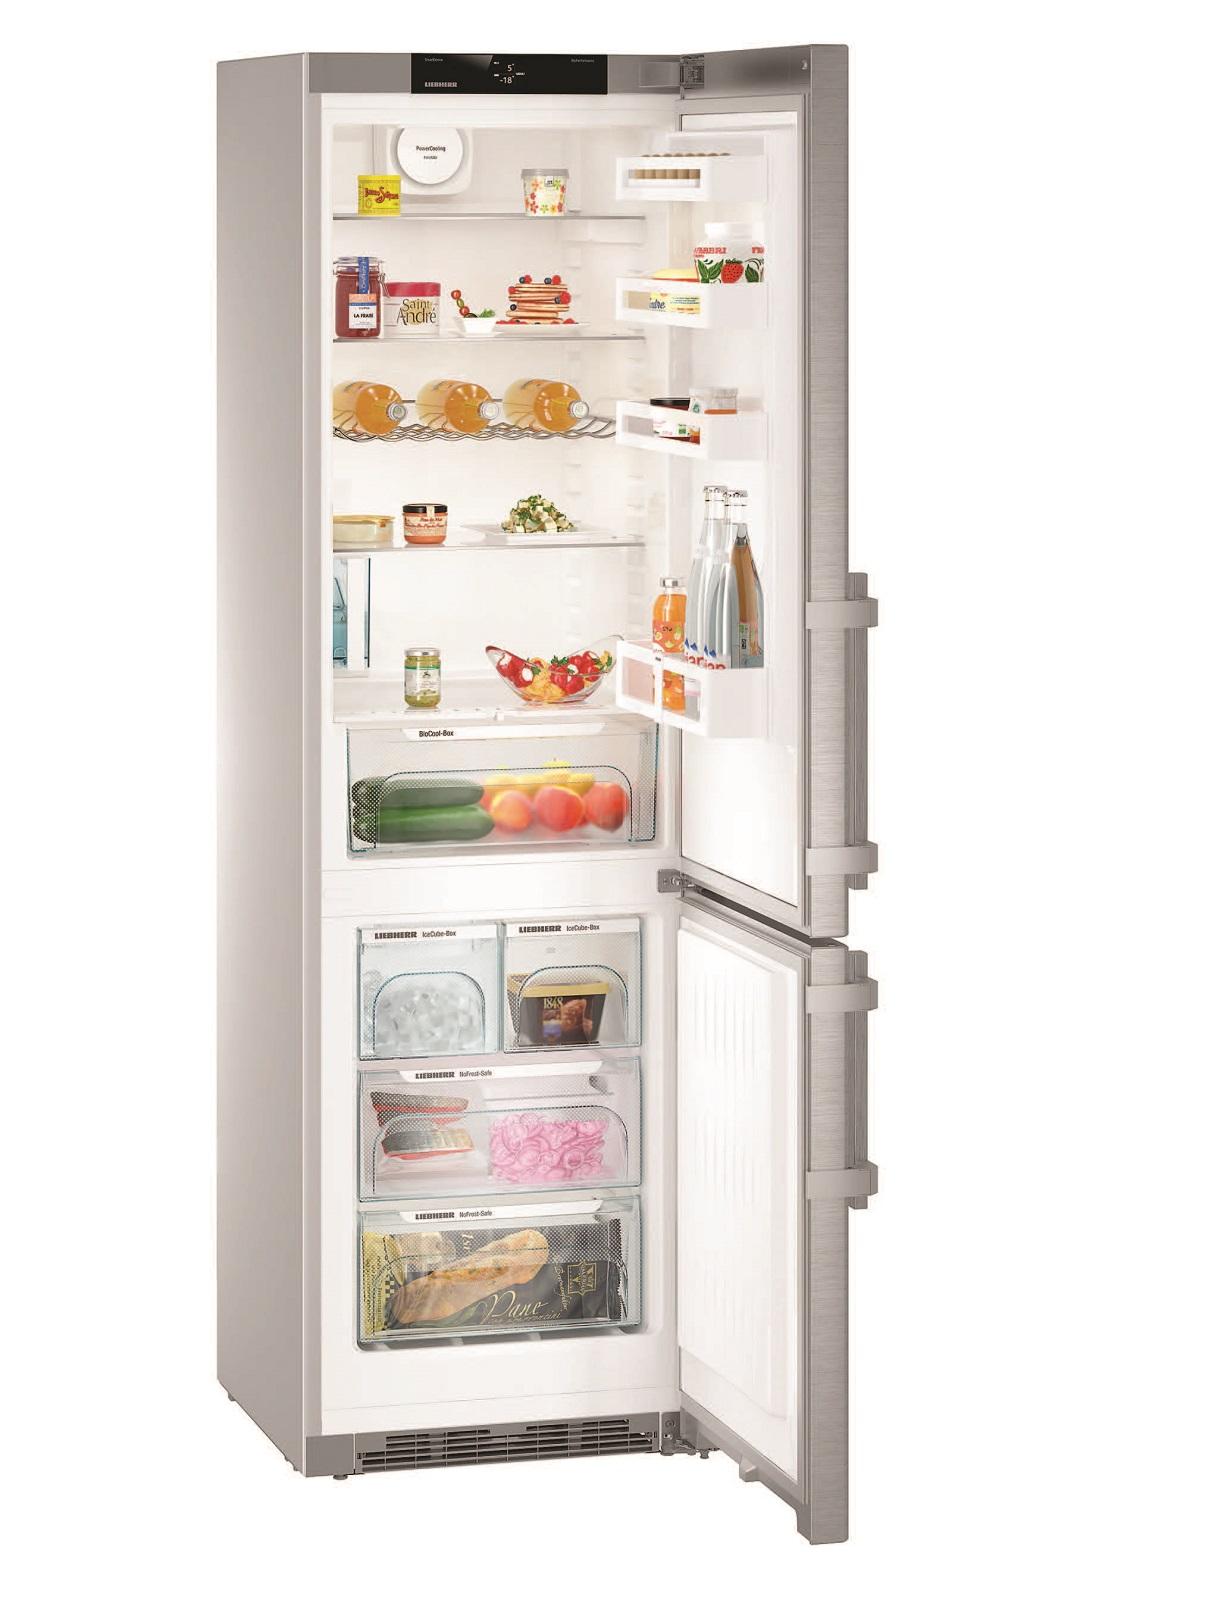 Двухкамерный холодильник Liebherr CNef 4845 купить украина